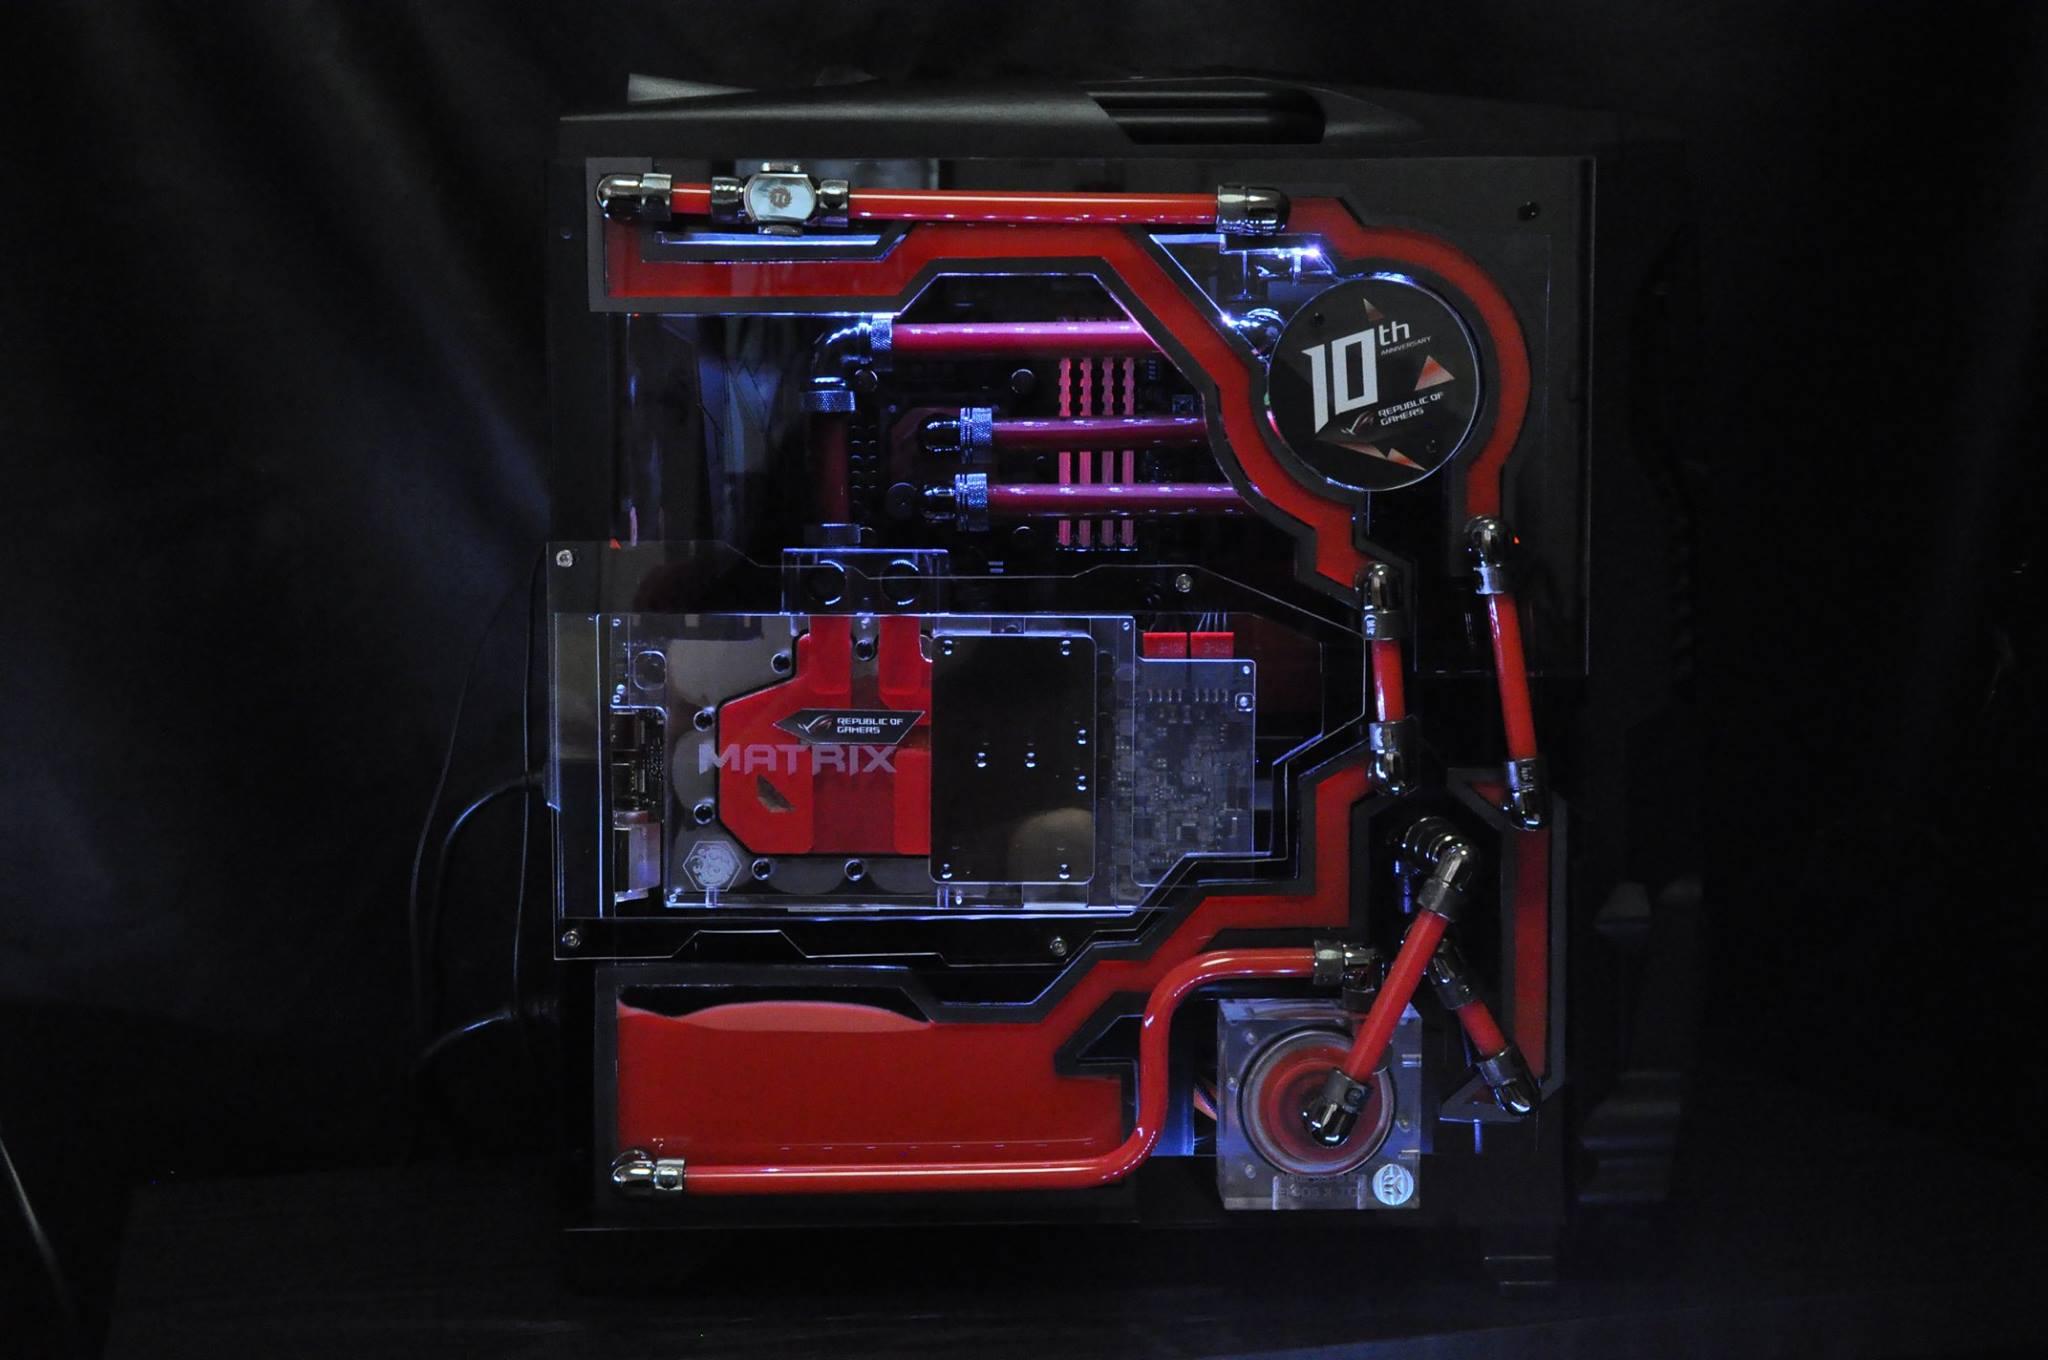 Thermaltake Versa N24 Mod for ASUS ROG 10th Anniversary par Reaper Mods